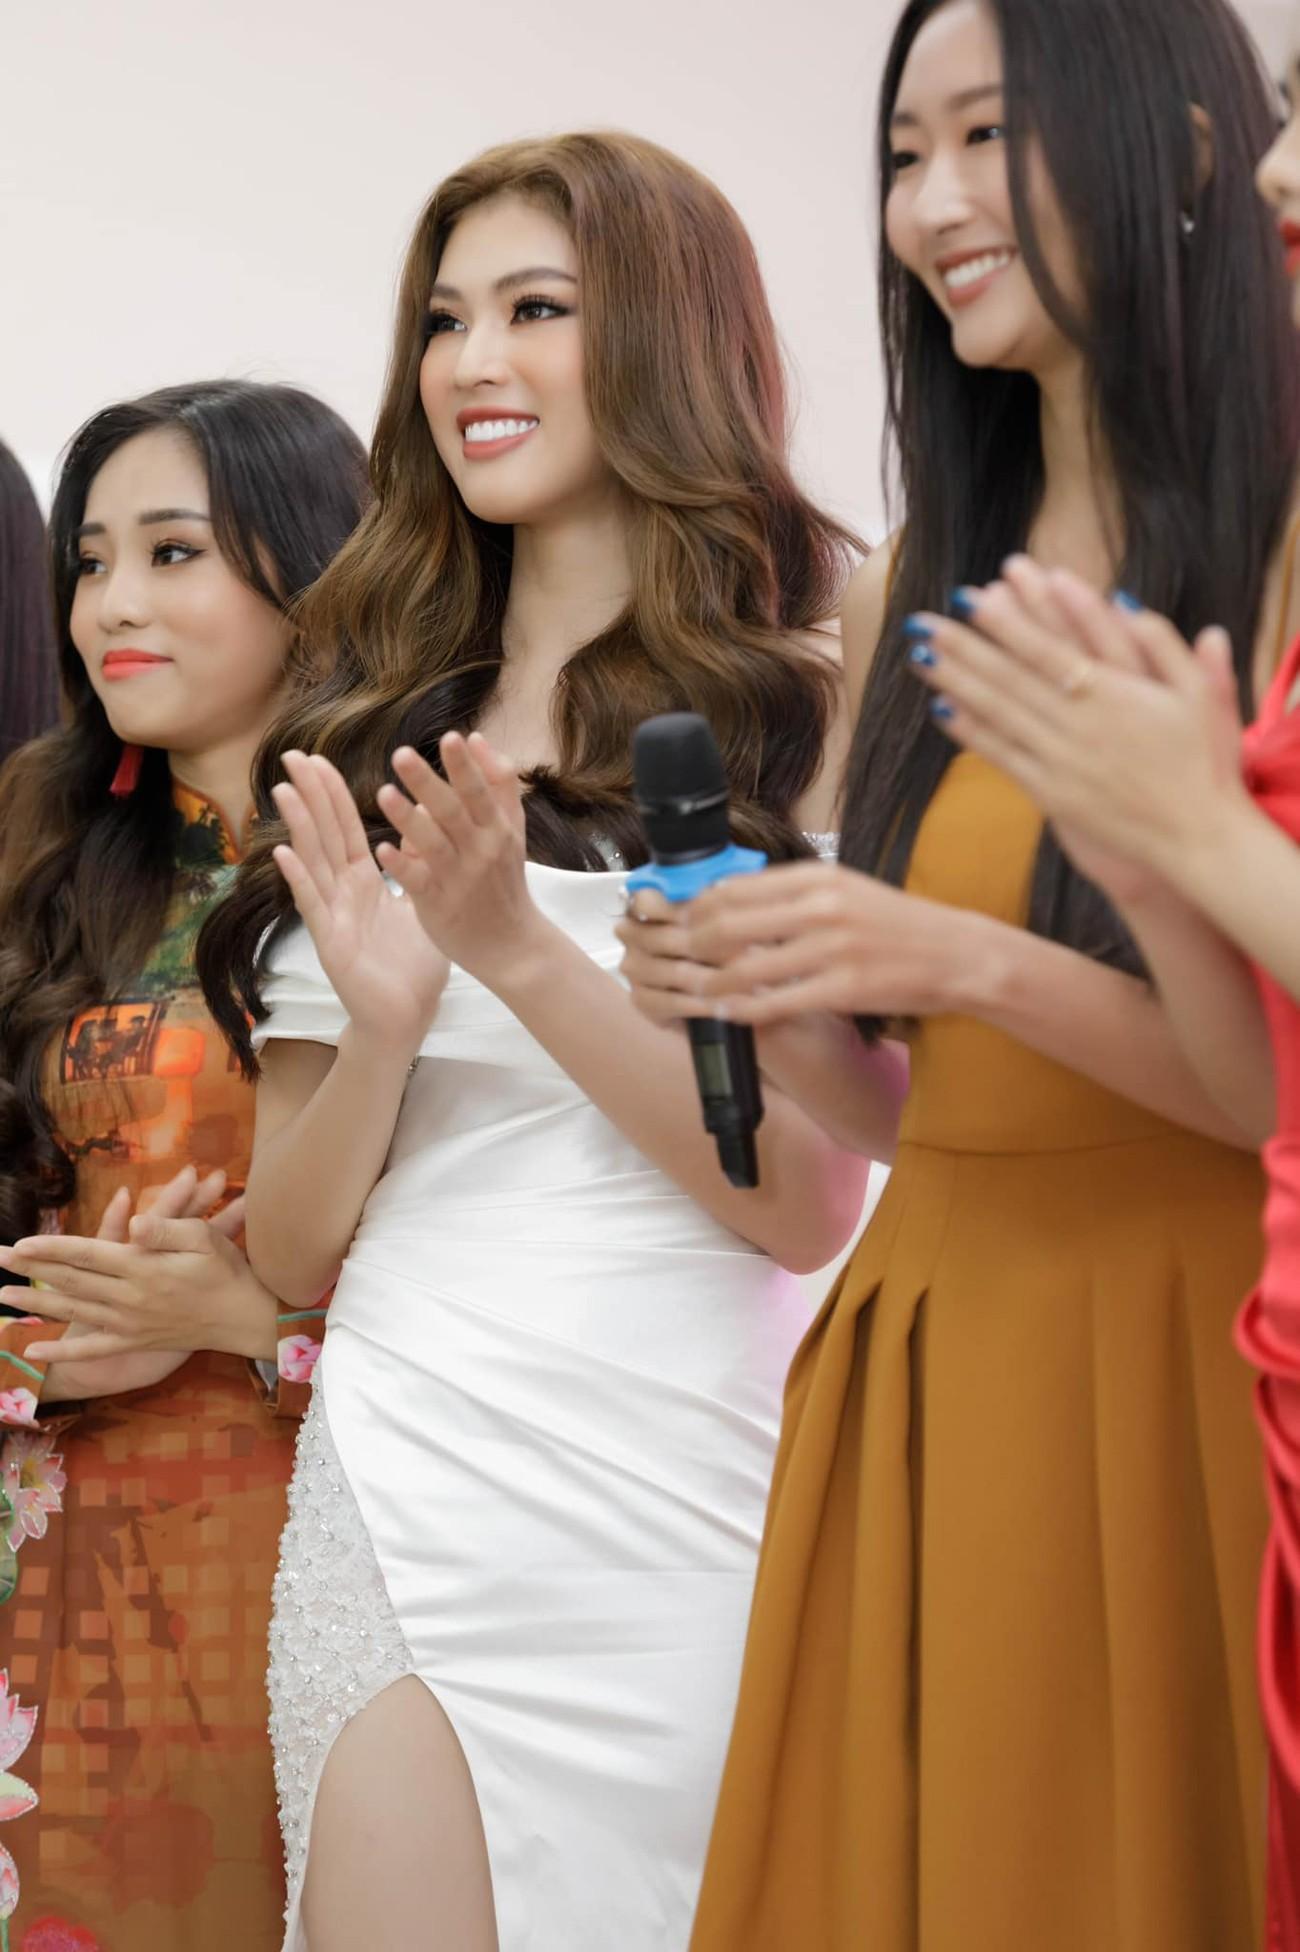 Á hậu Ngọc Thảo diện váy xẻ khoe đôi chân dài 1m11 ảnh 6